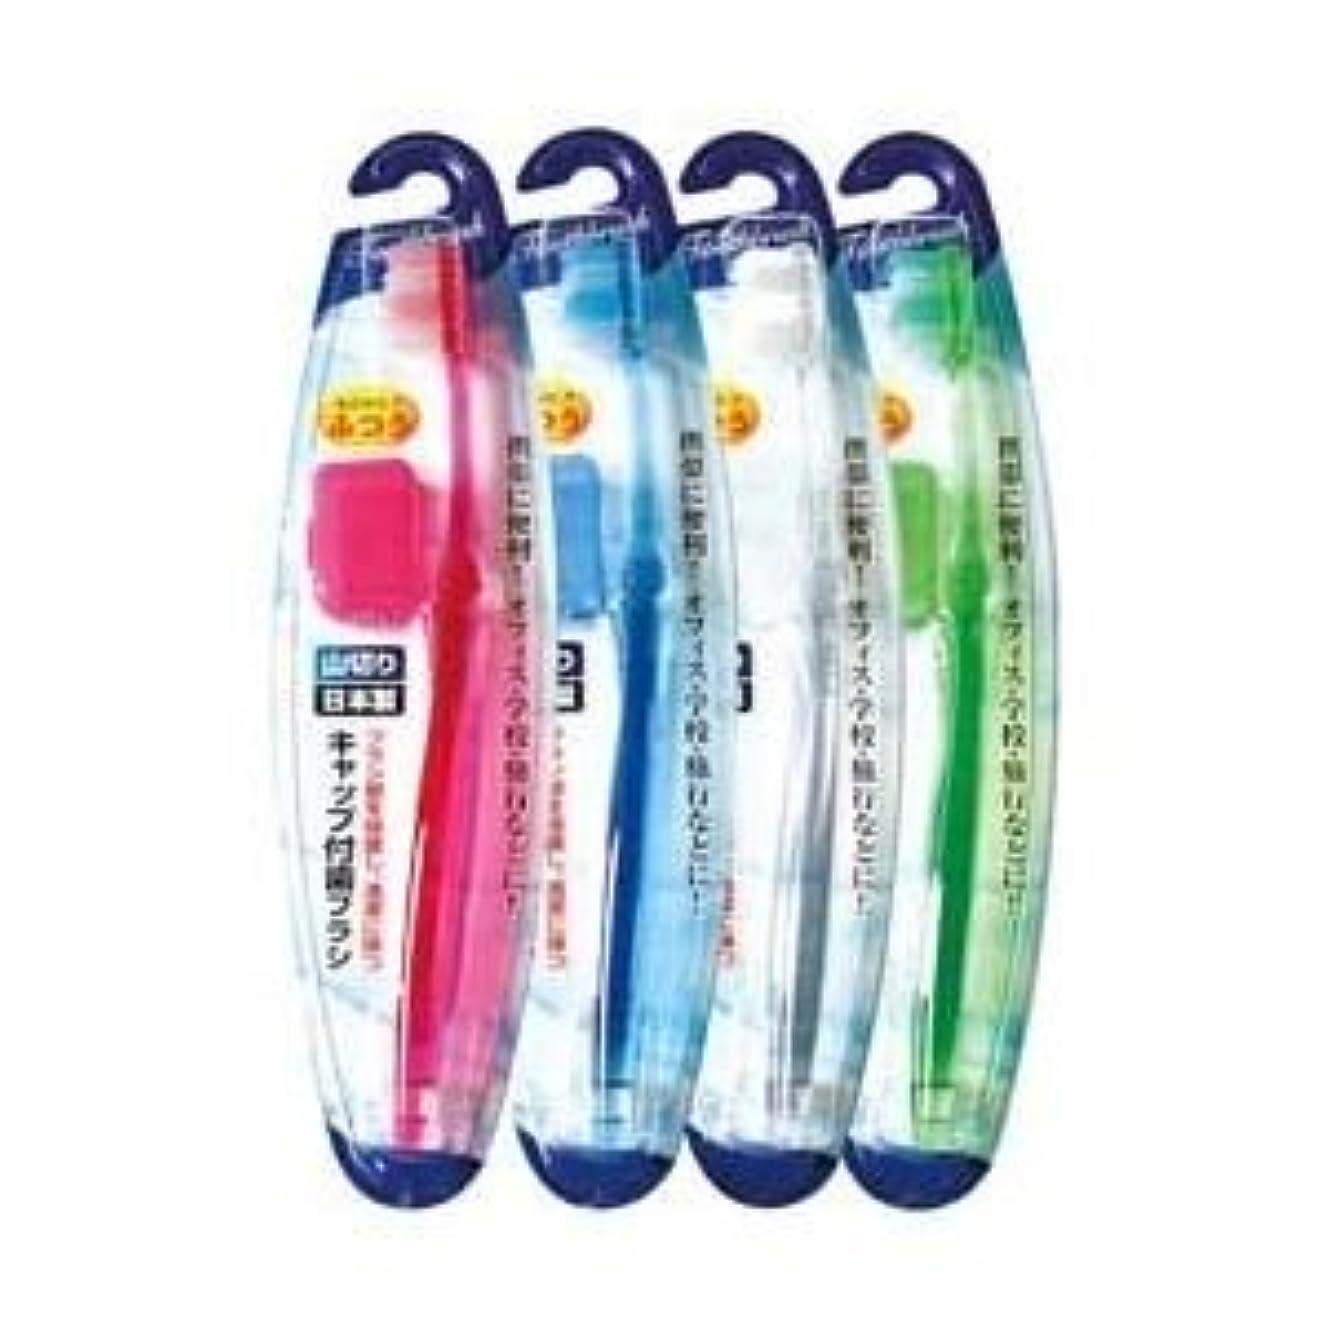 許す道路窓を洗う健康用品 キャップ付歯ブラシ山切りカット(ふつう)日本製 【12個セット】 41-209